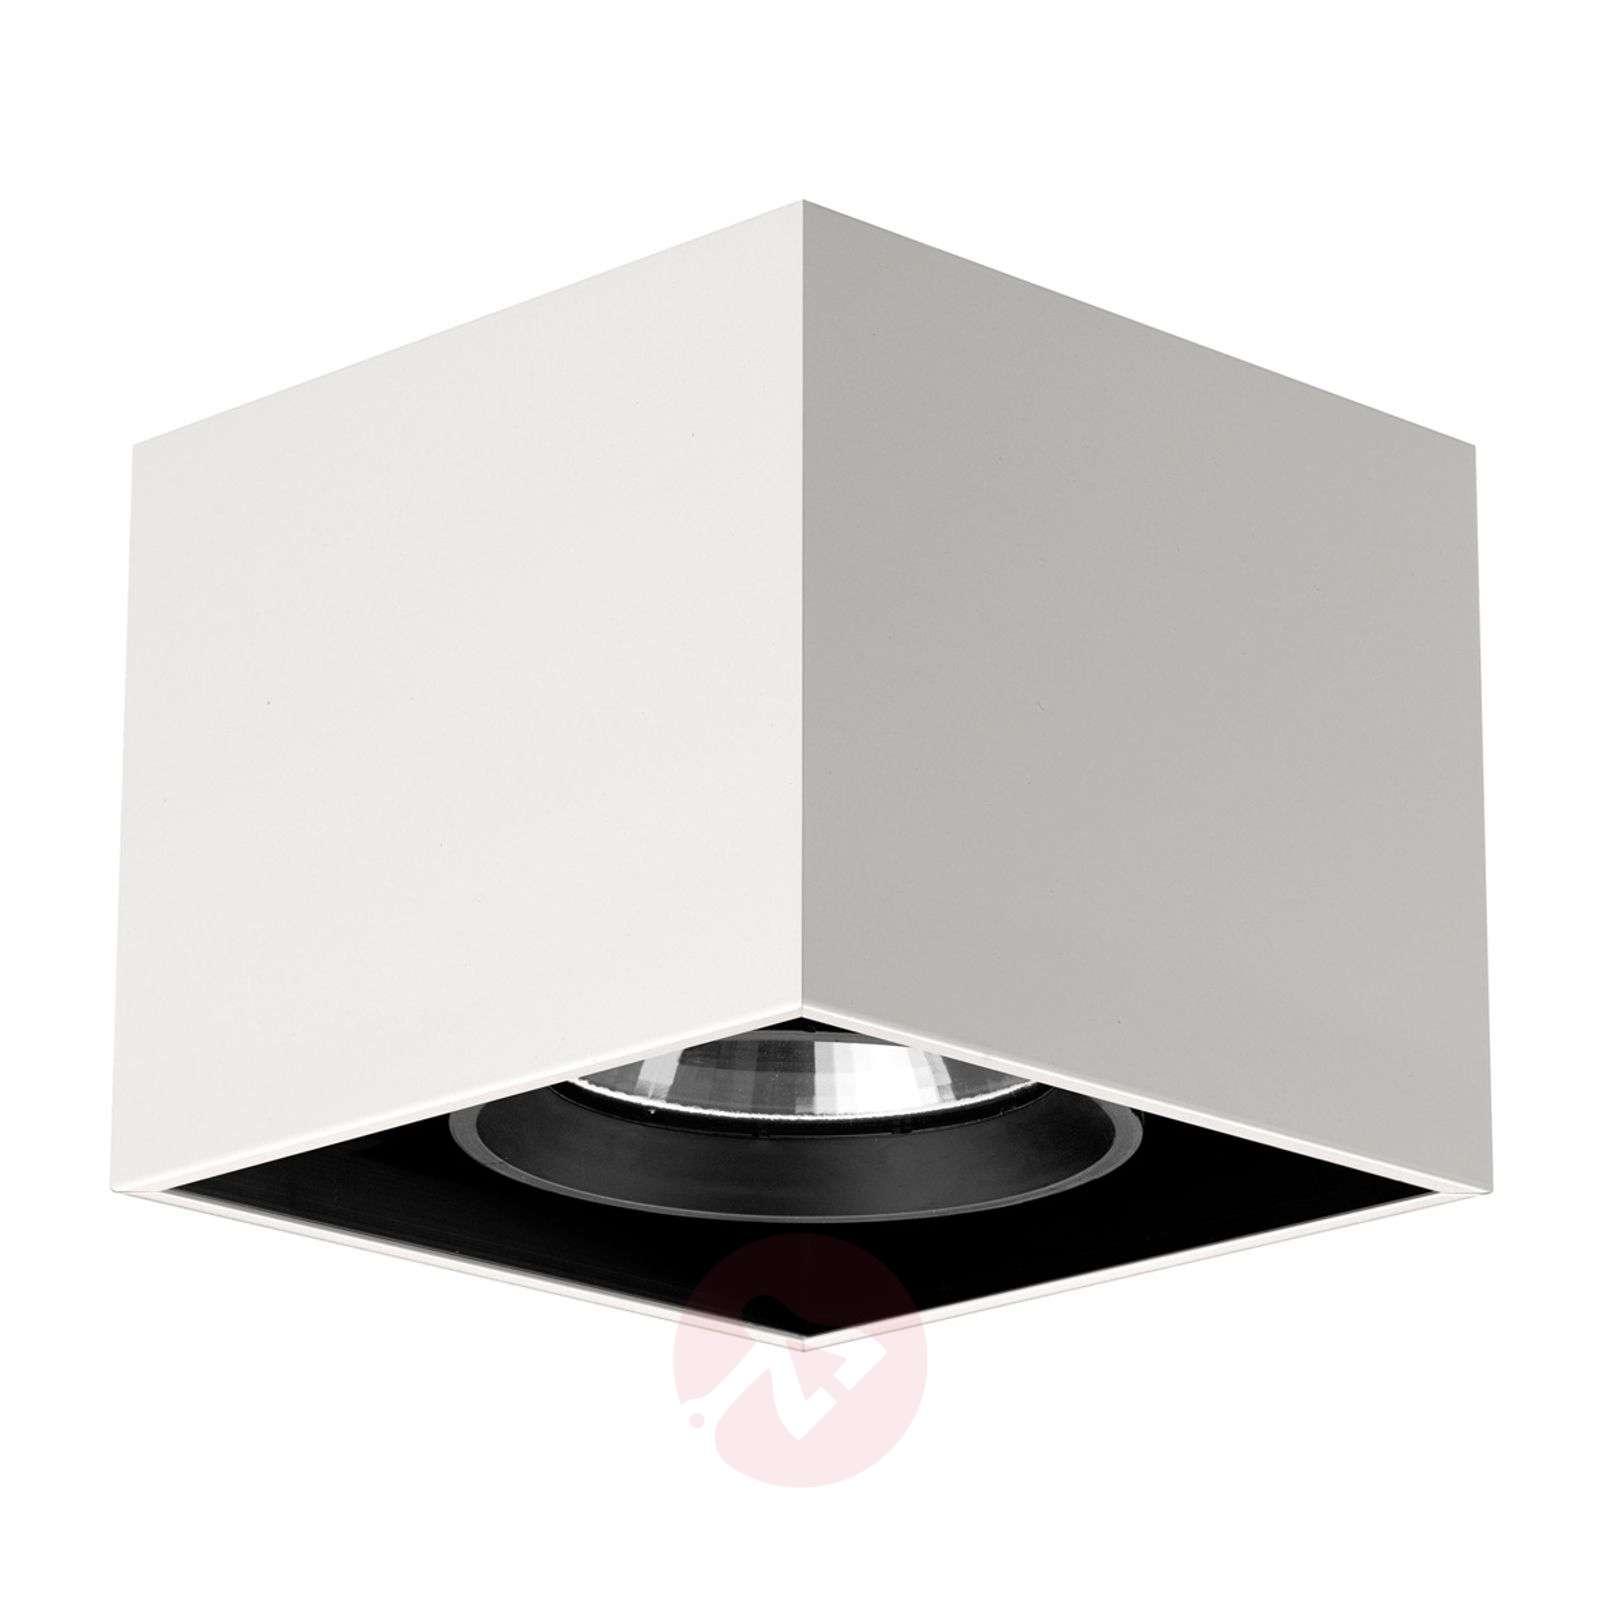 Compass Box neliömäinen kattovalaisin, valkoinen-3510240-01